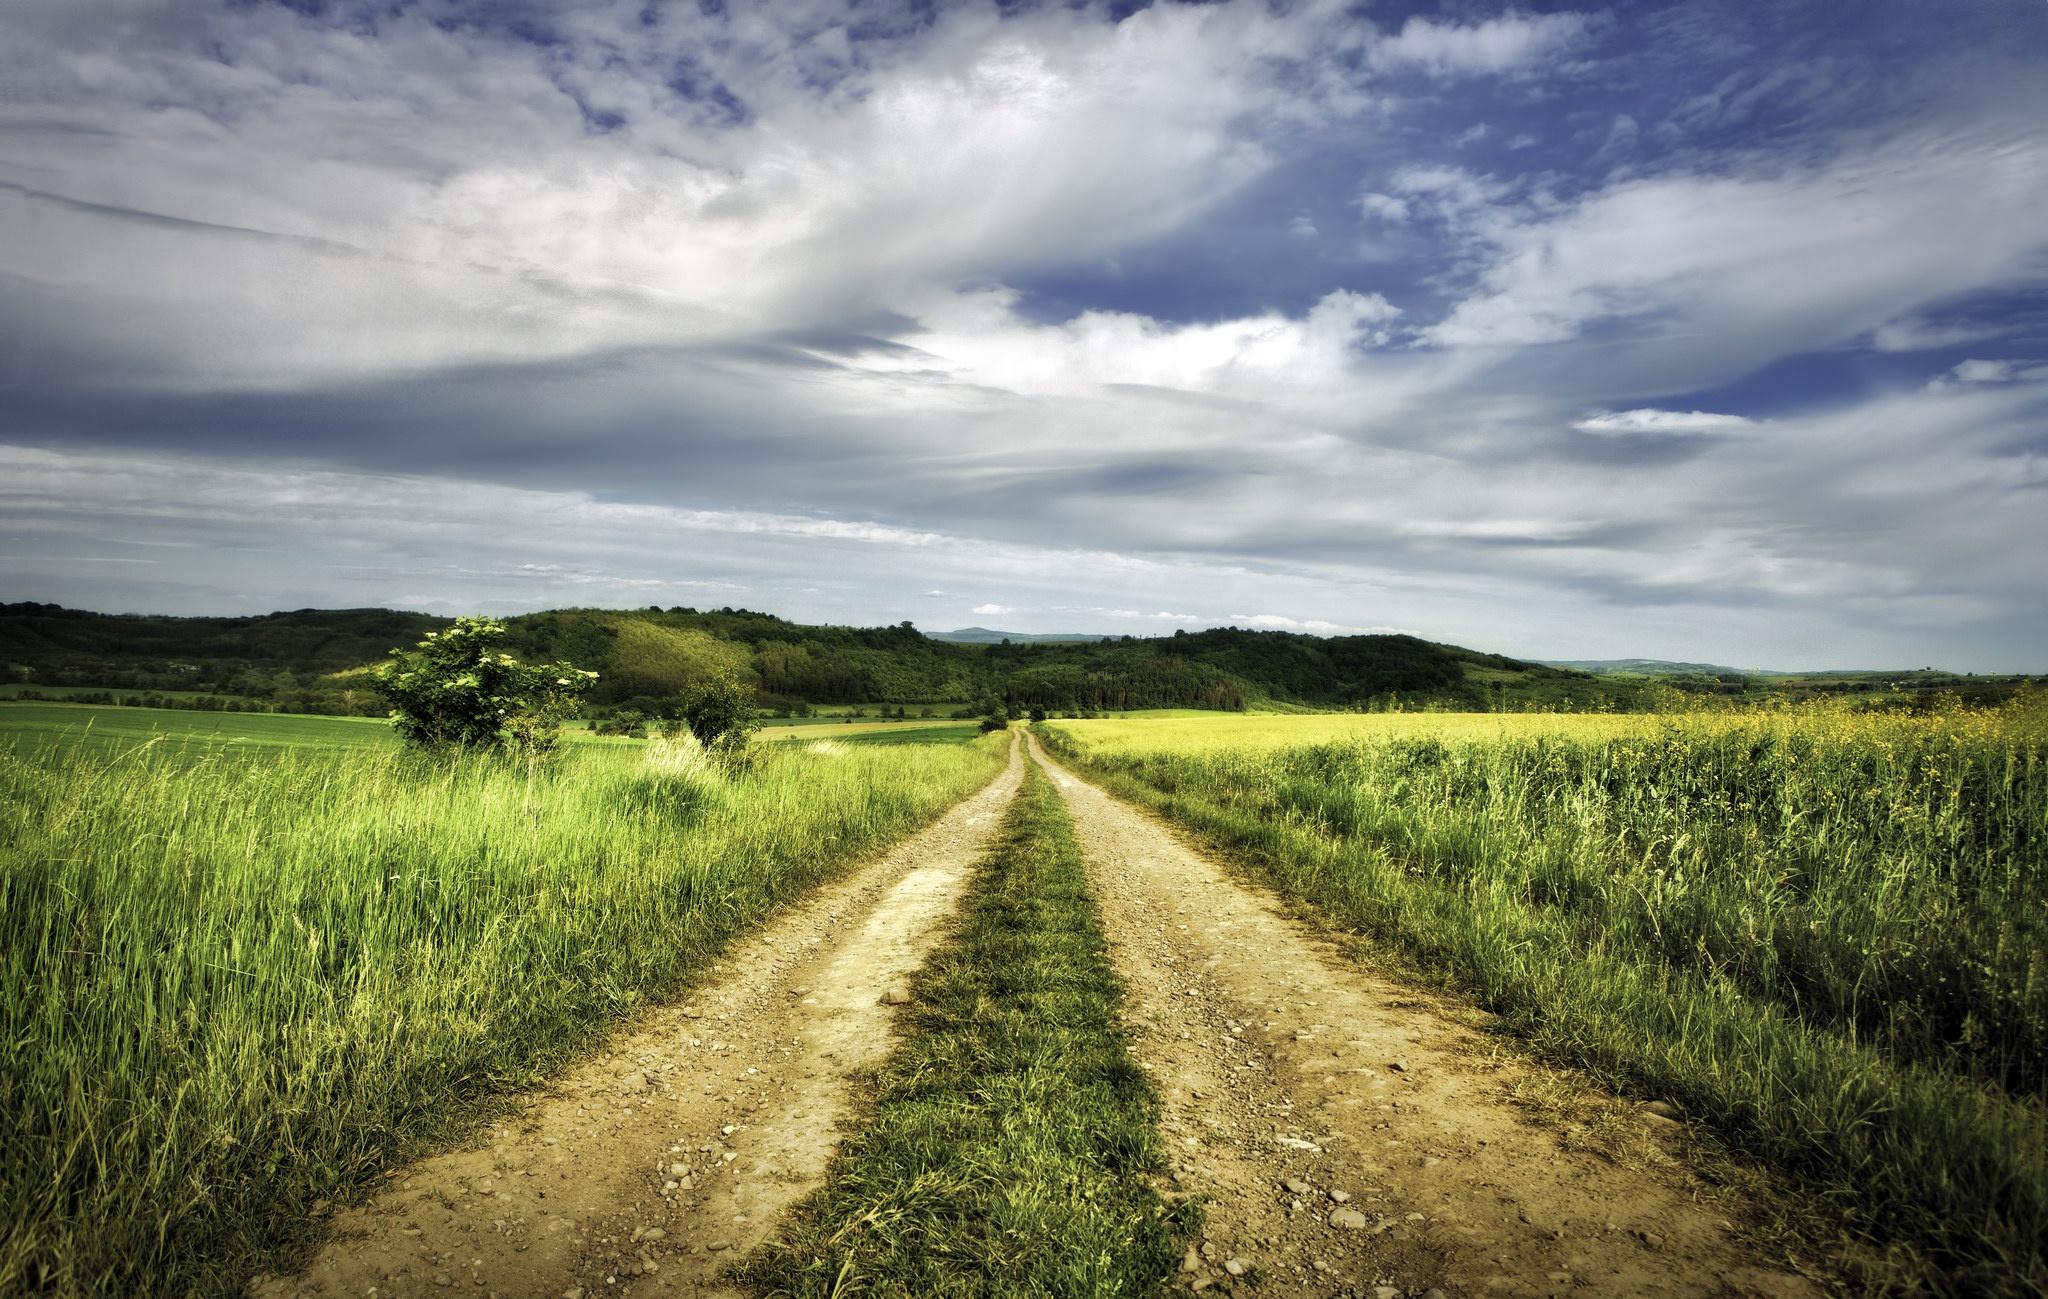 далеко картинка проселочная дорога в даль вулканы тамани возникли